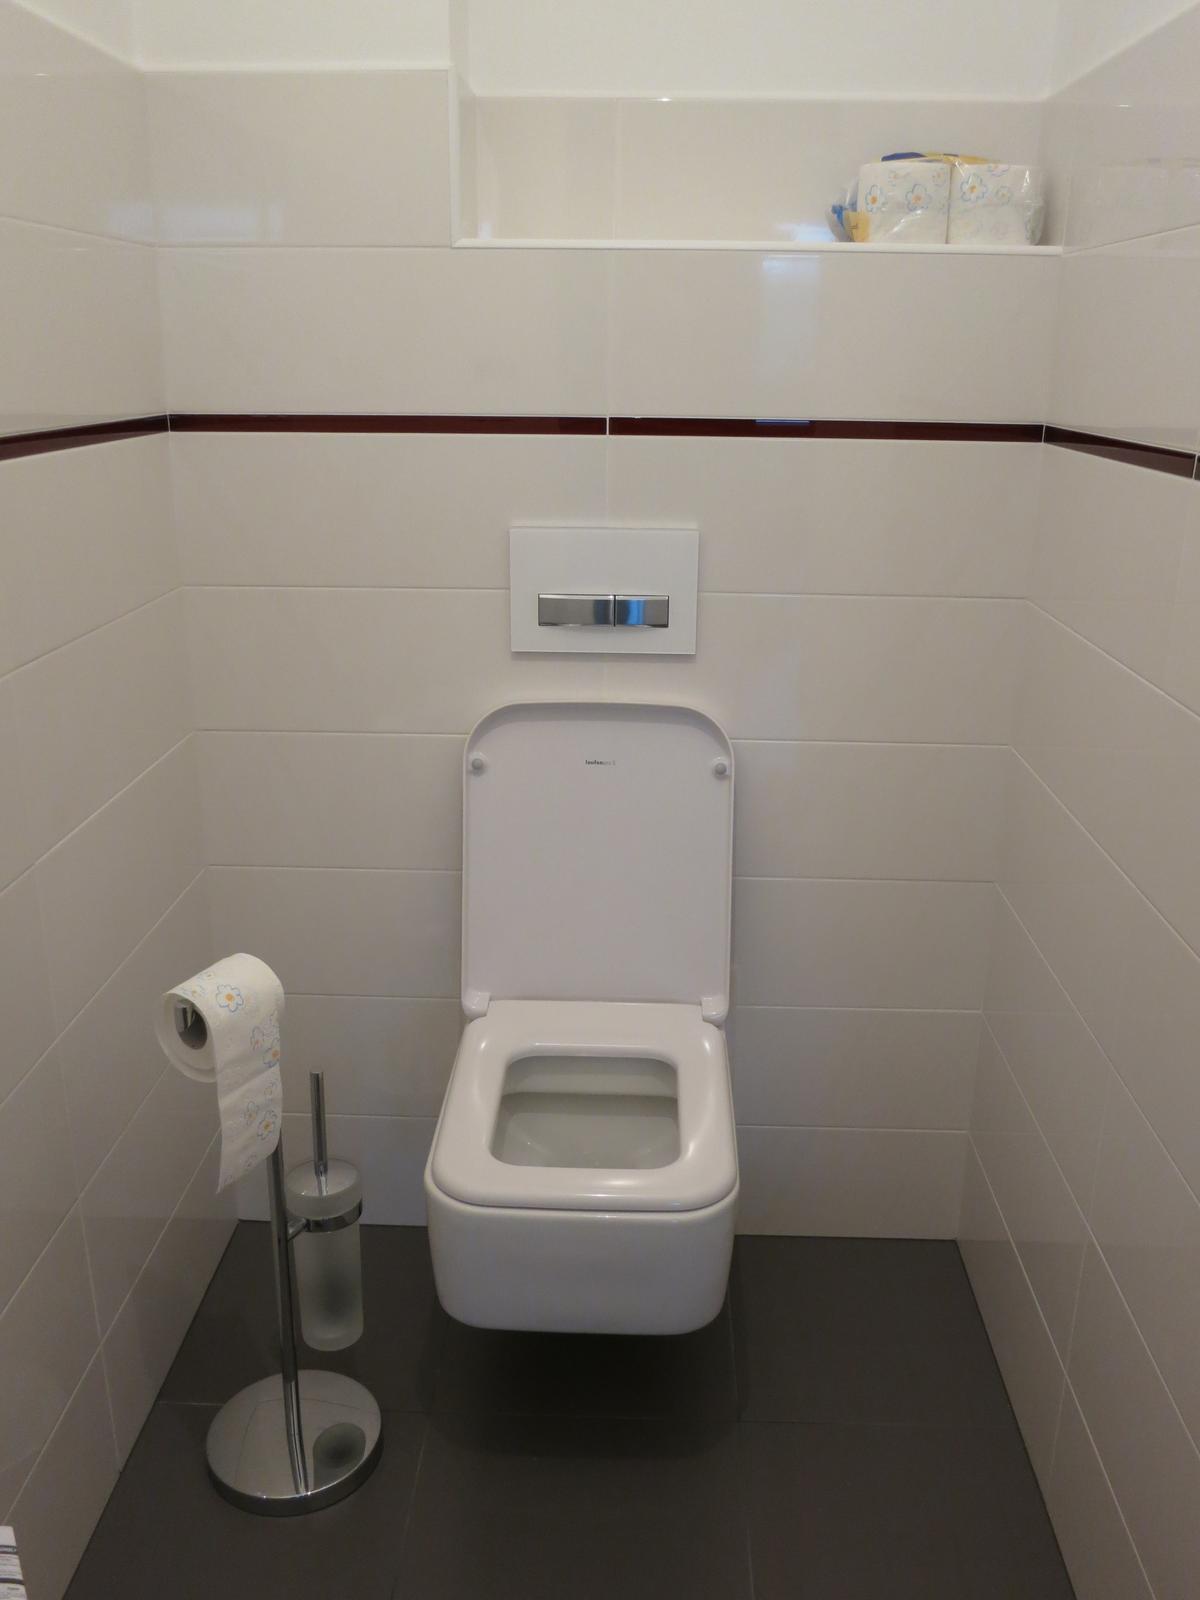 Koupelna - Obklad Paradyź Yoshioka, dlažba Purio, WC - Laufen Pro S